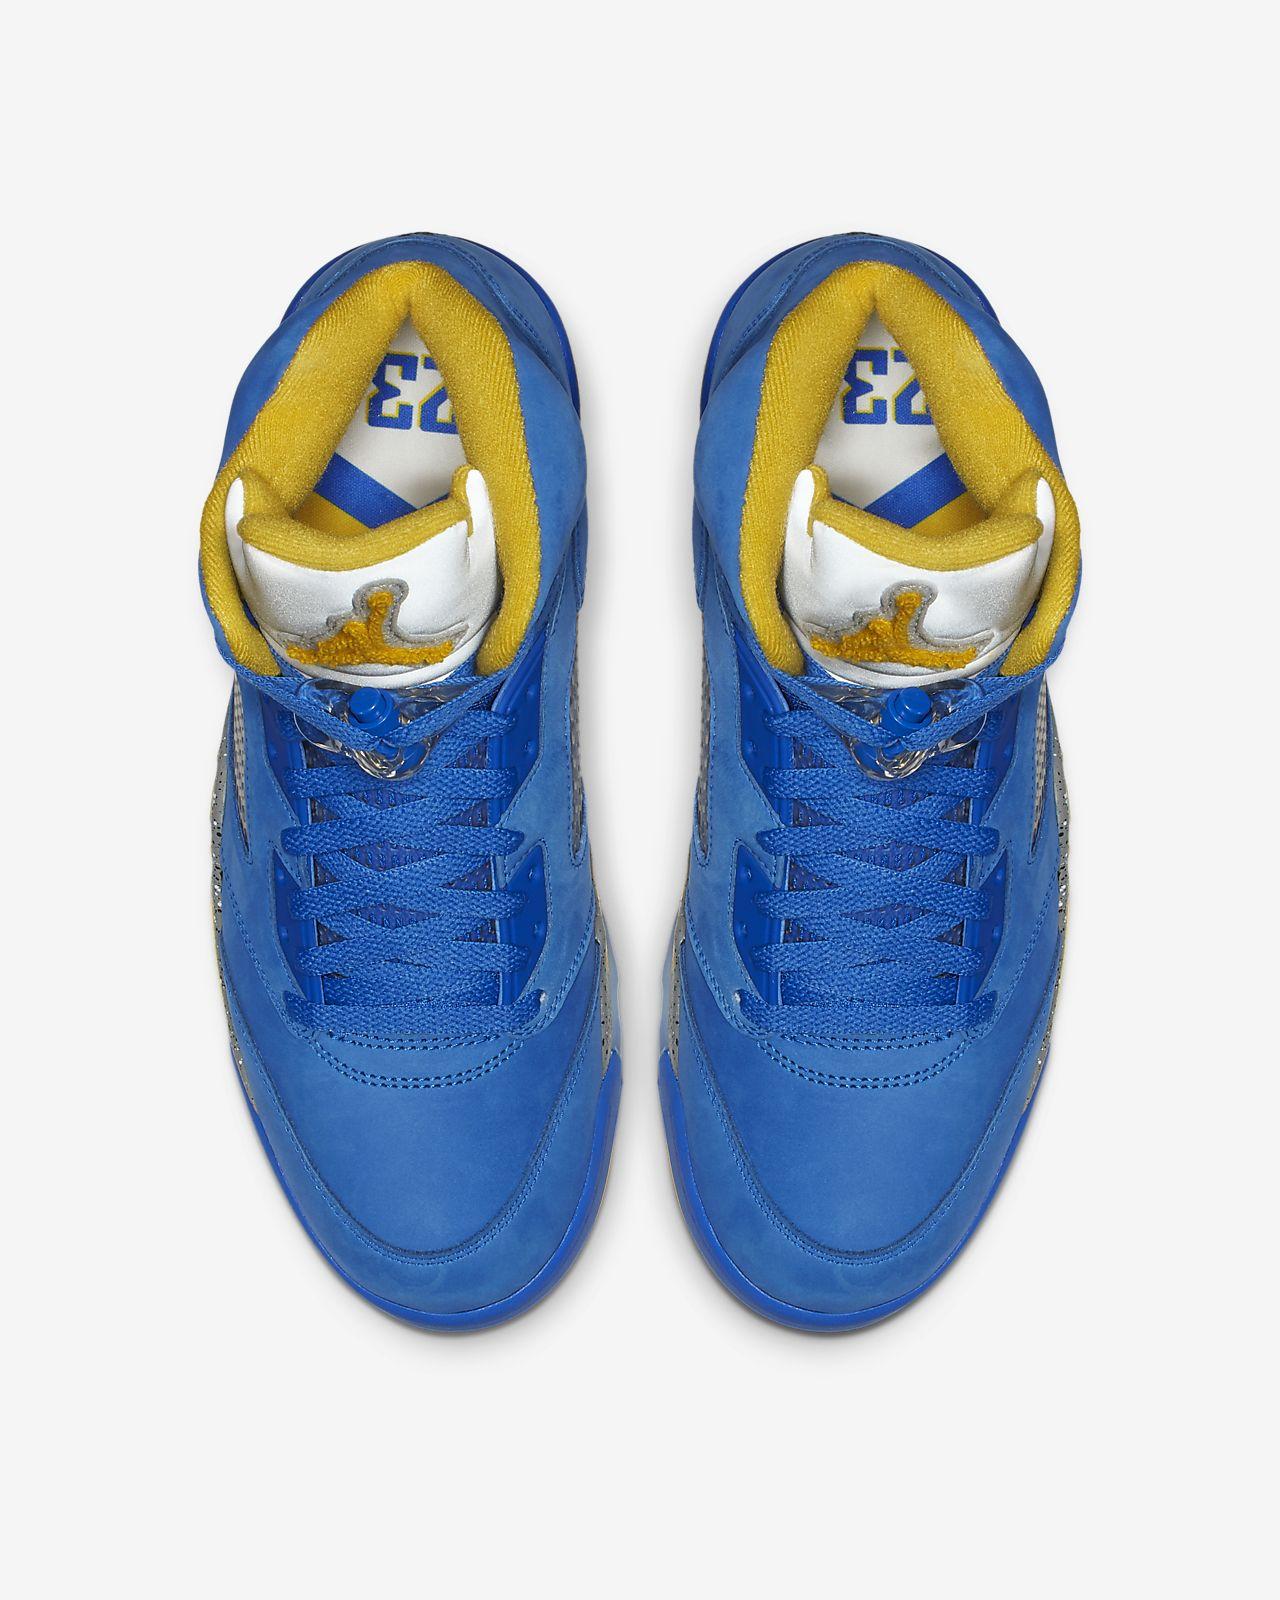 new style 1d1c7 6e3c0 ... Chaussure Air Jordan 5 Laney JSP pour Homme